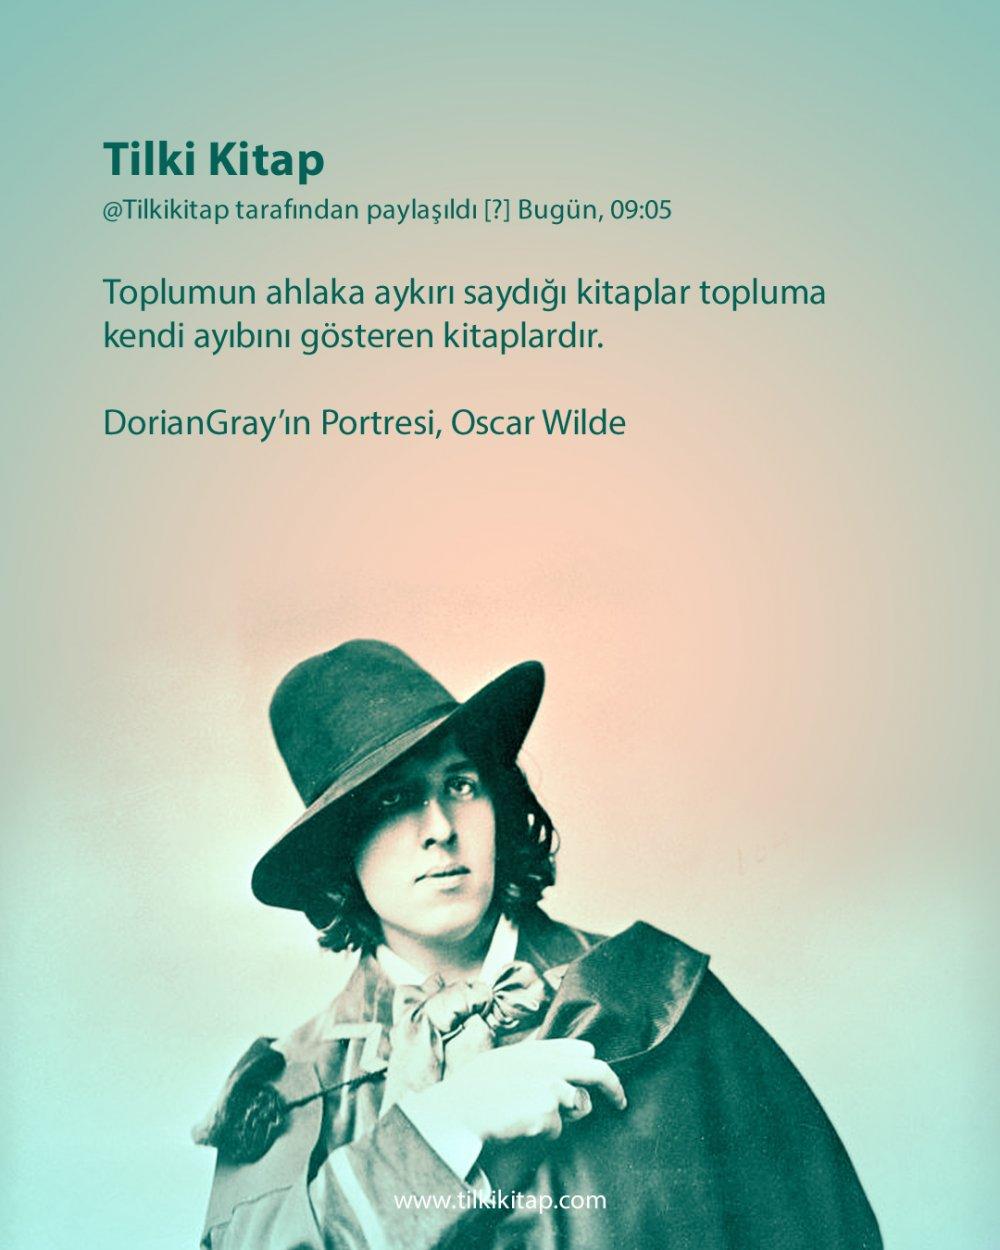 Oscar Wilde, Oscar Wilde Sözleri, Oscar Wilde Alıntı, Oscar Wilde Kitapları, Oscar Wilde Şiirleri, DorianGray`ın Portresi, DorianGray`ın Portresi Osca